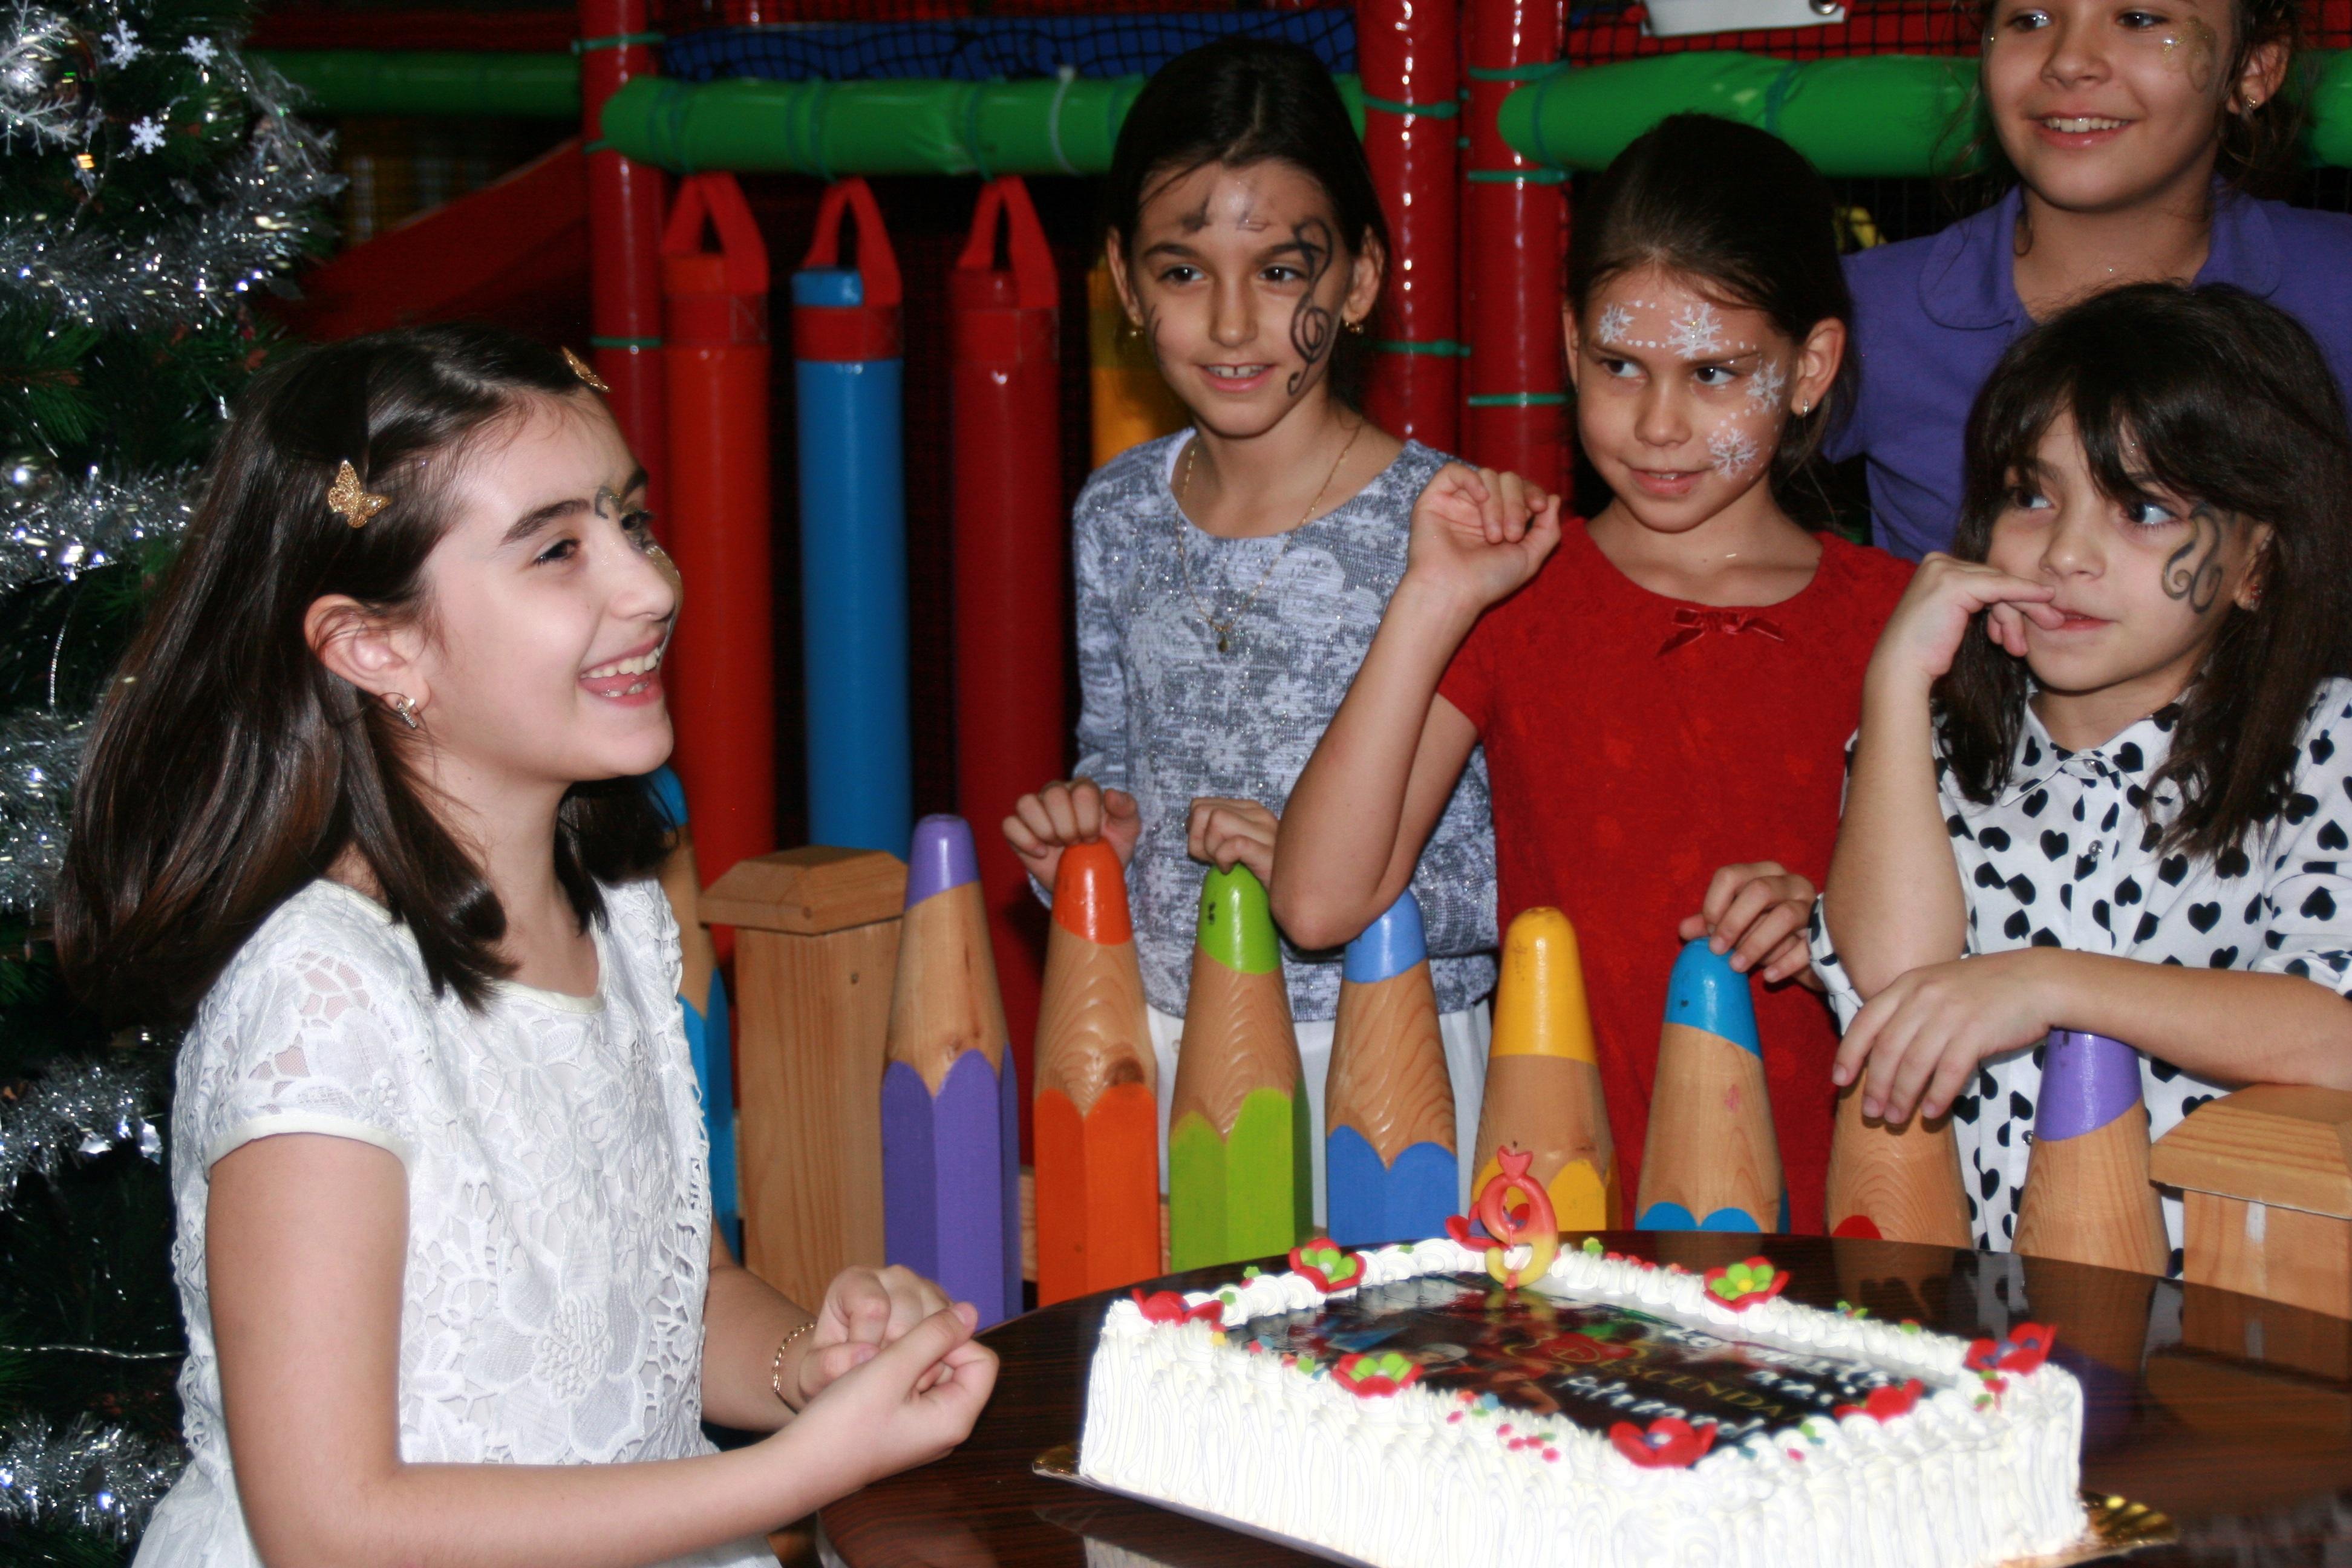 Kostenlose foto : Menschen, spielen, Kuchen, Kinder, Mädchen, Party ...